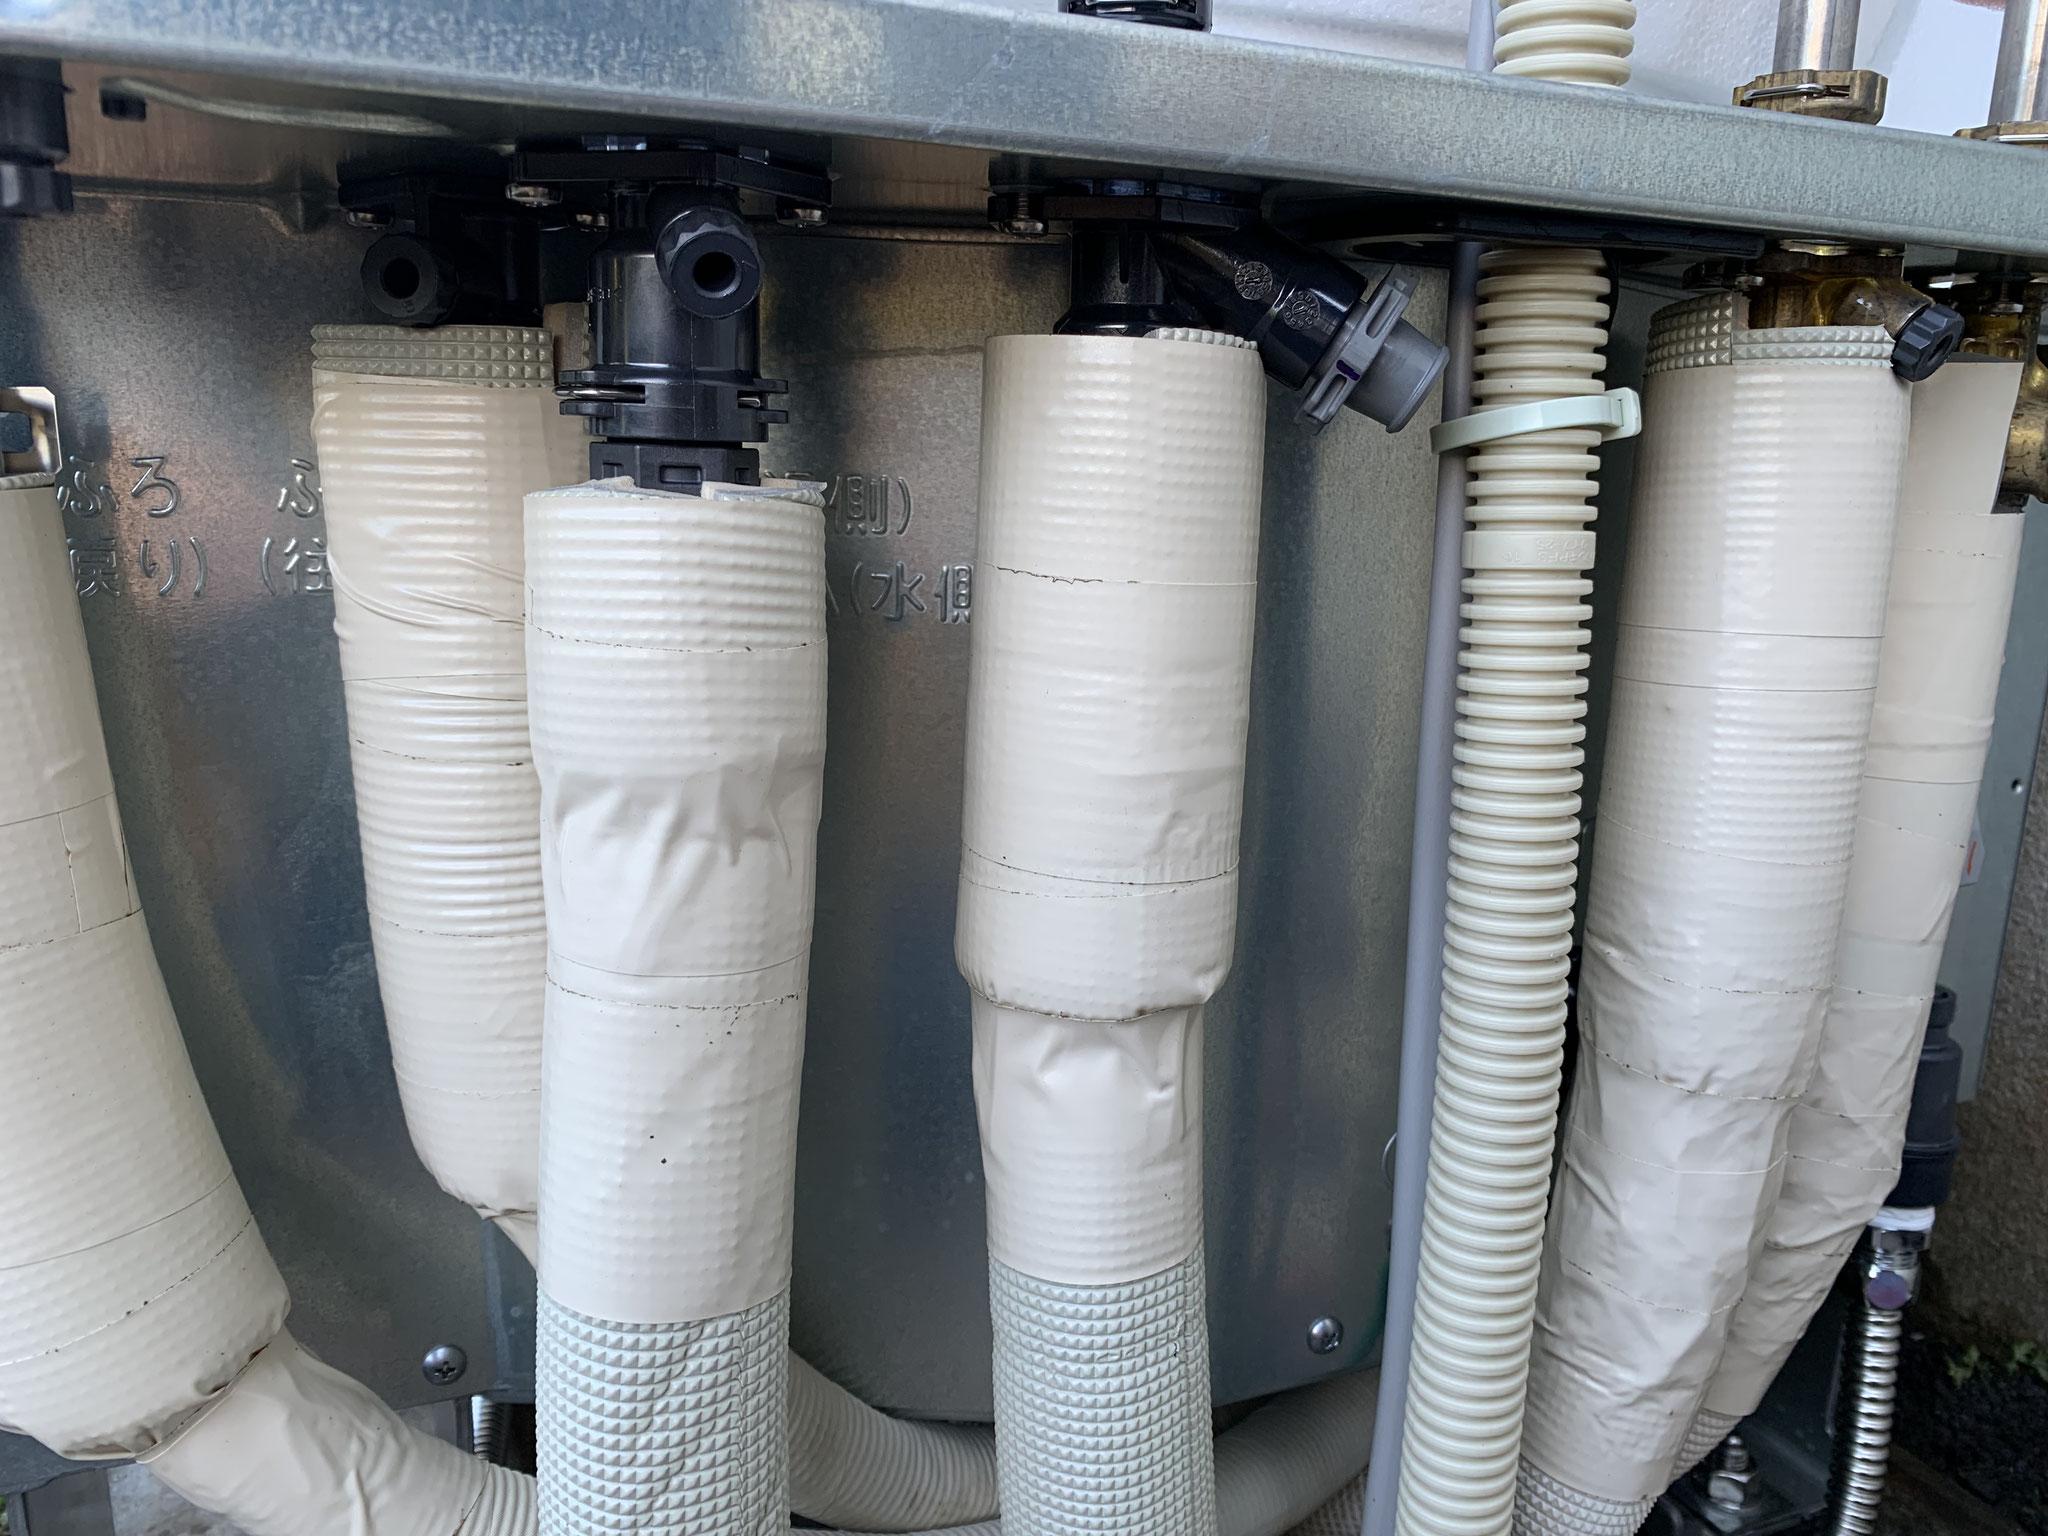 エコキュート配管工事 保温配管仕上げ 三島市